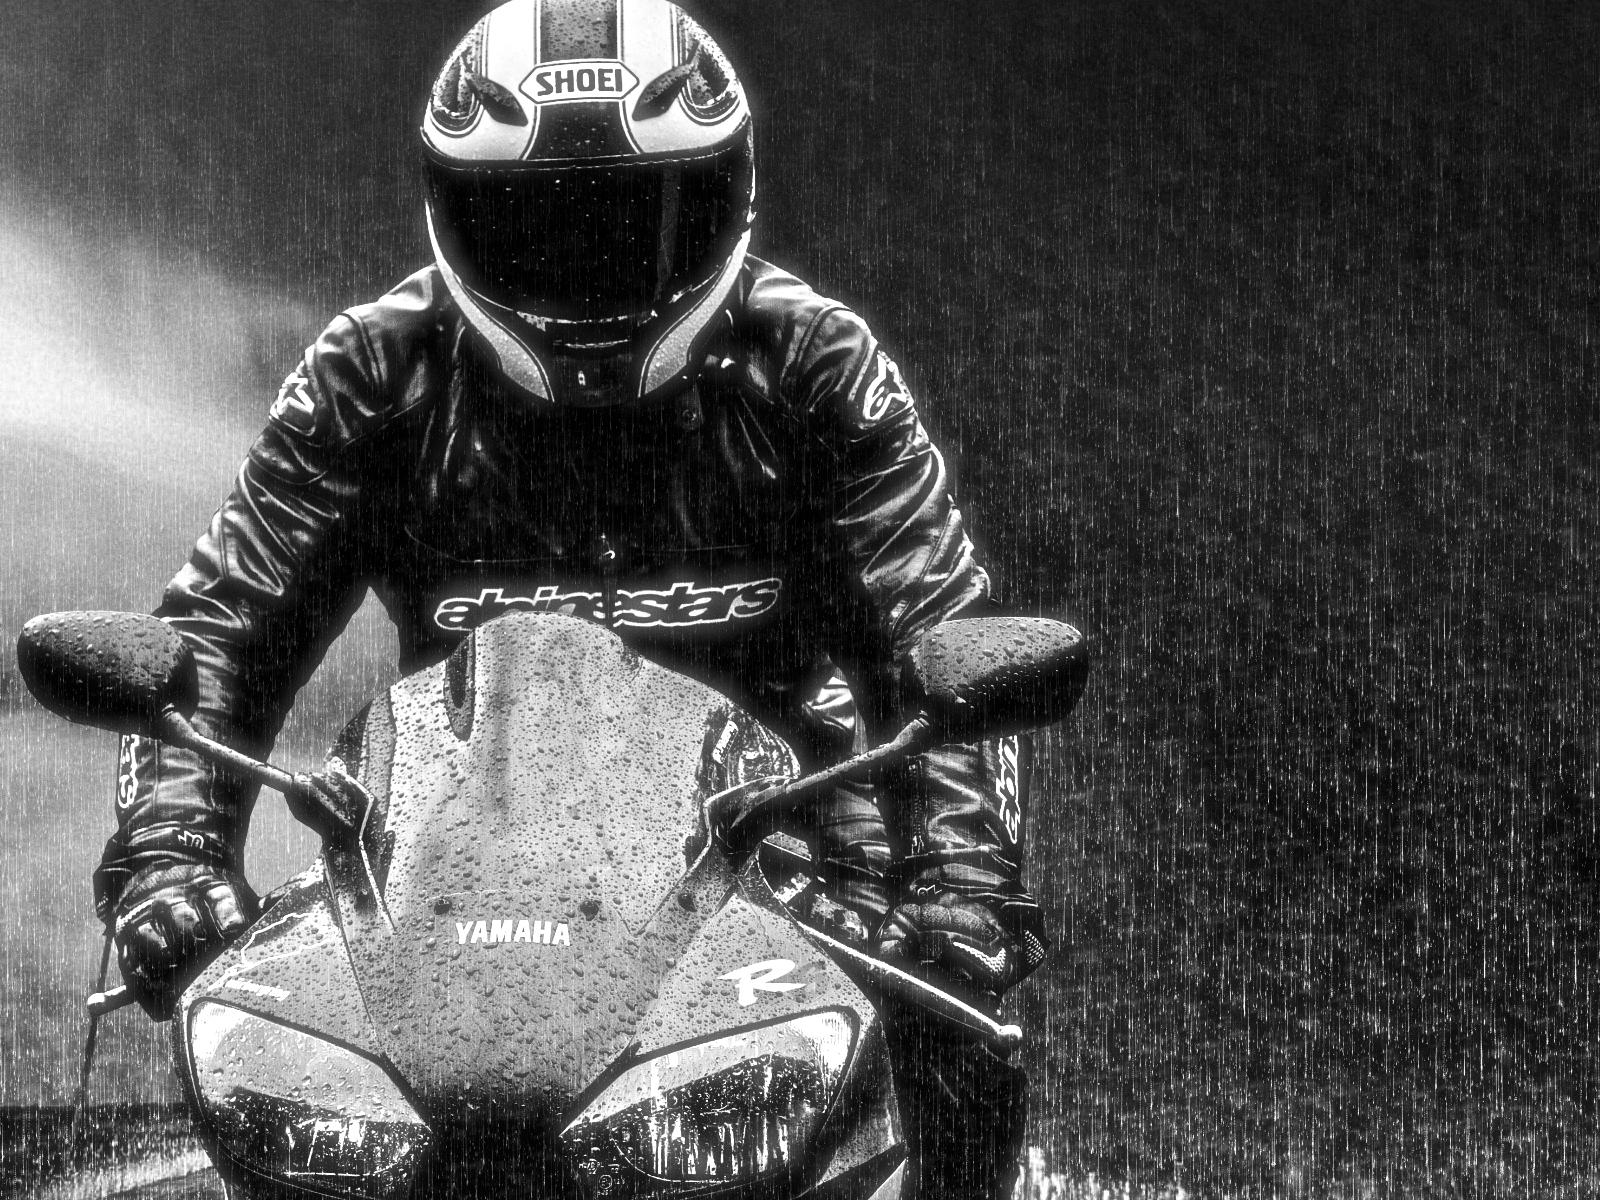 Картинки мотоциклистов на аву в вк, для мальчика квиллинг